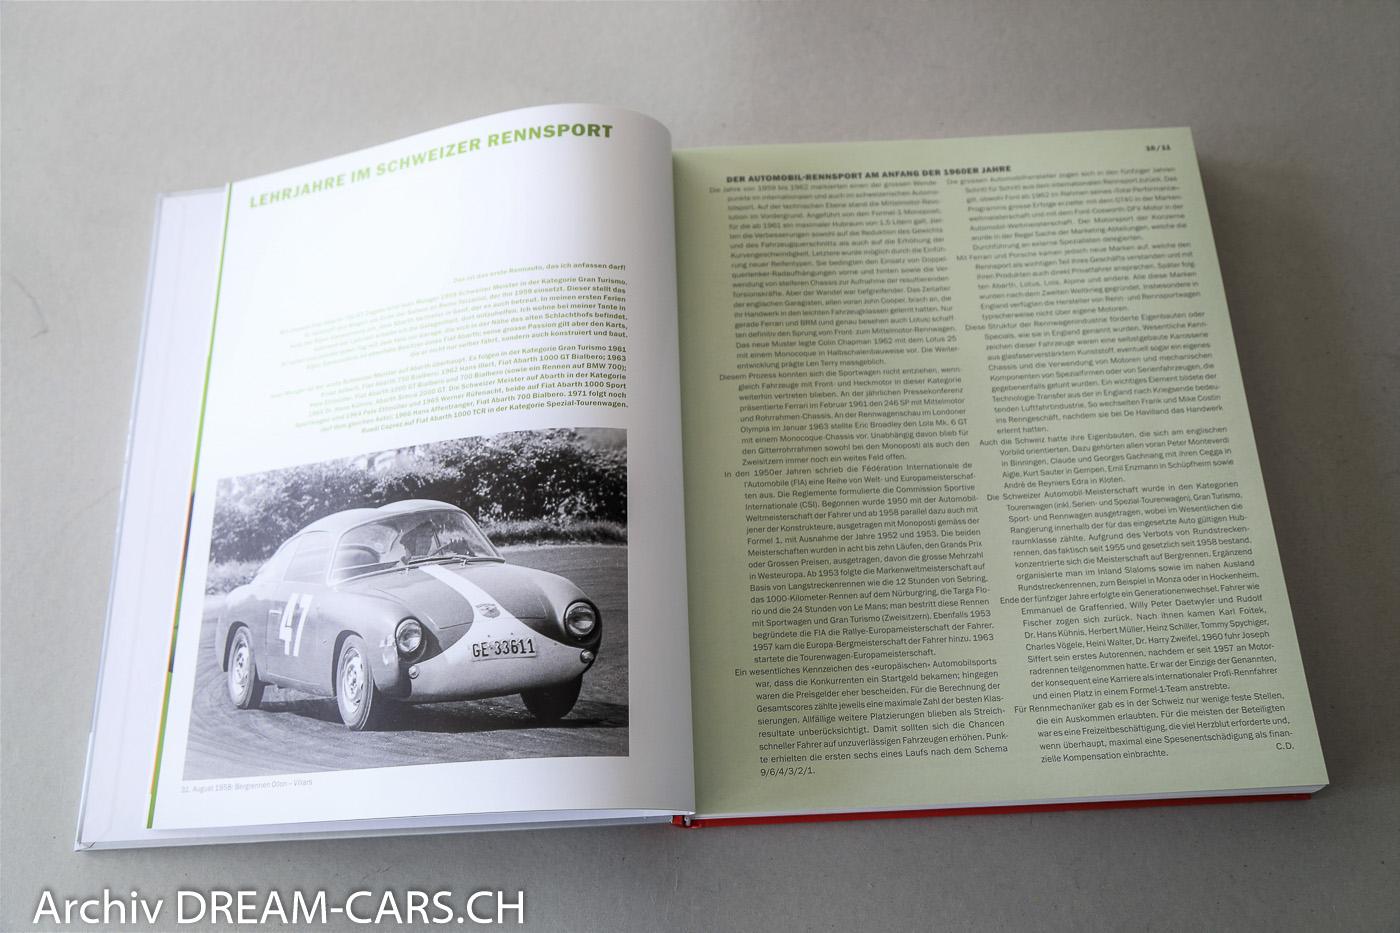 The, Swiss, Wiz, Edi, Wyss, Leben, Rennwagen, Sportwagen 02